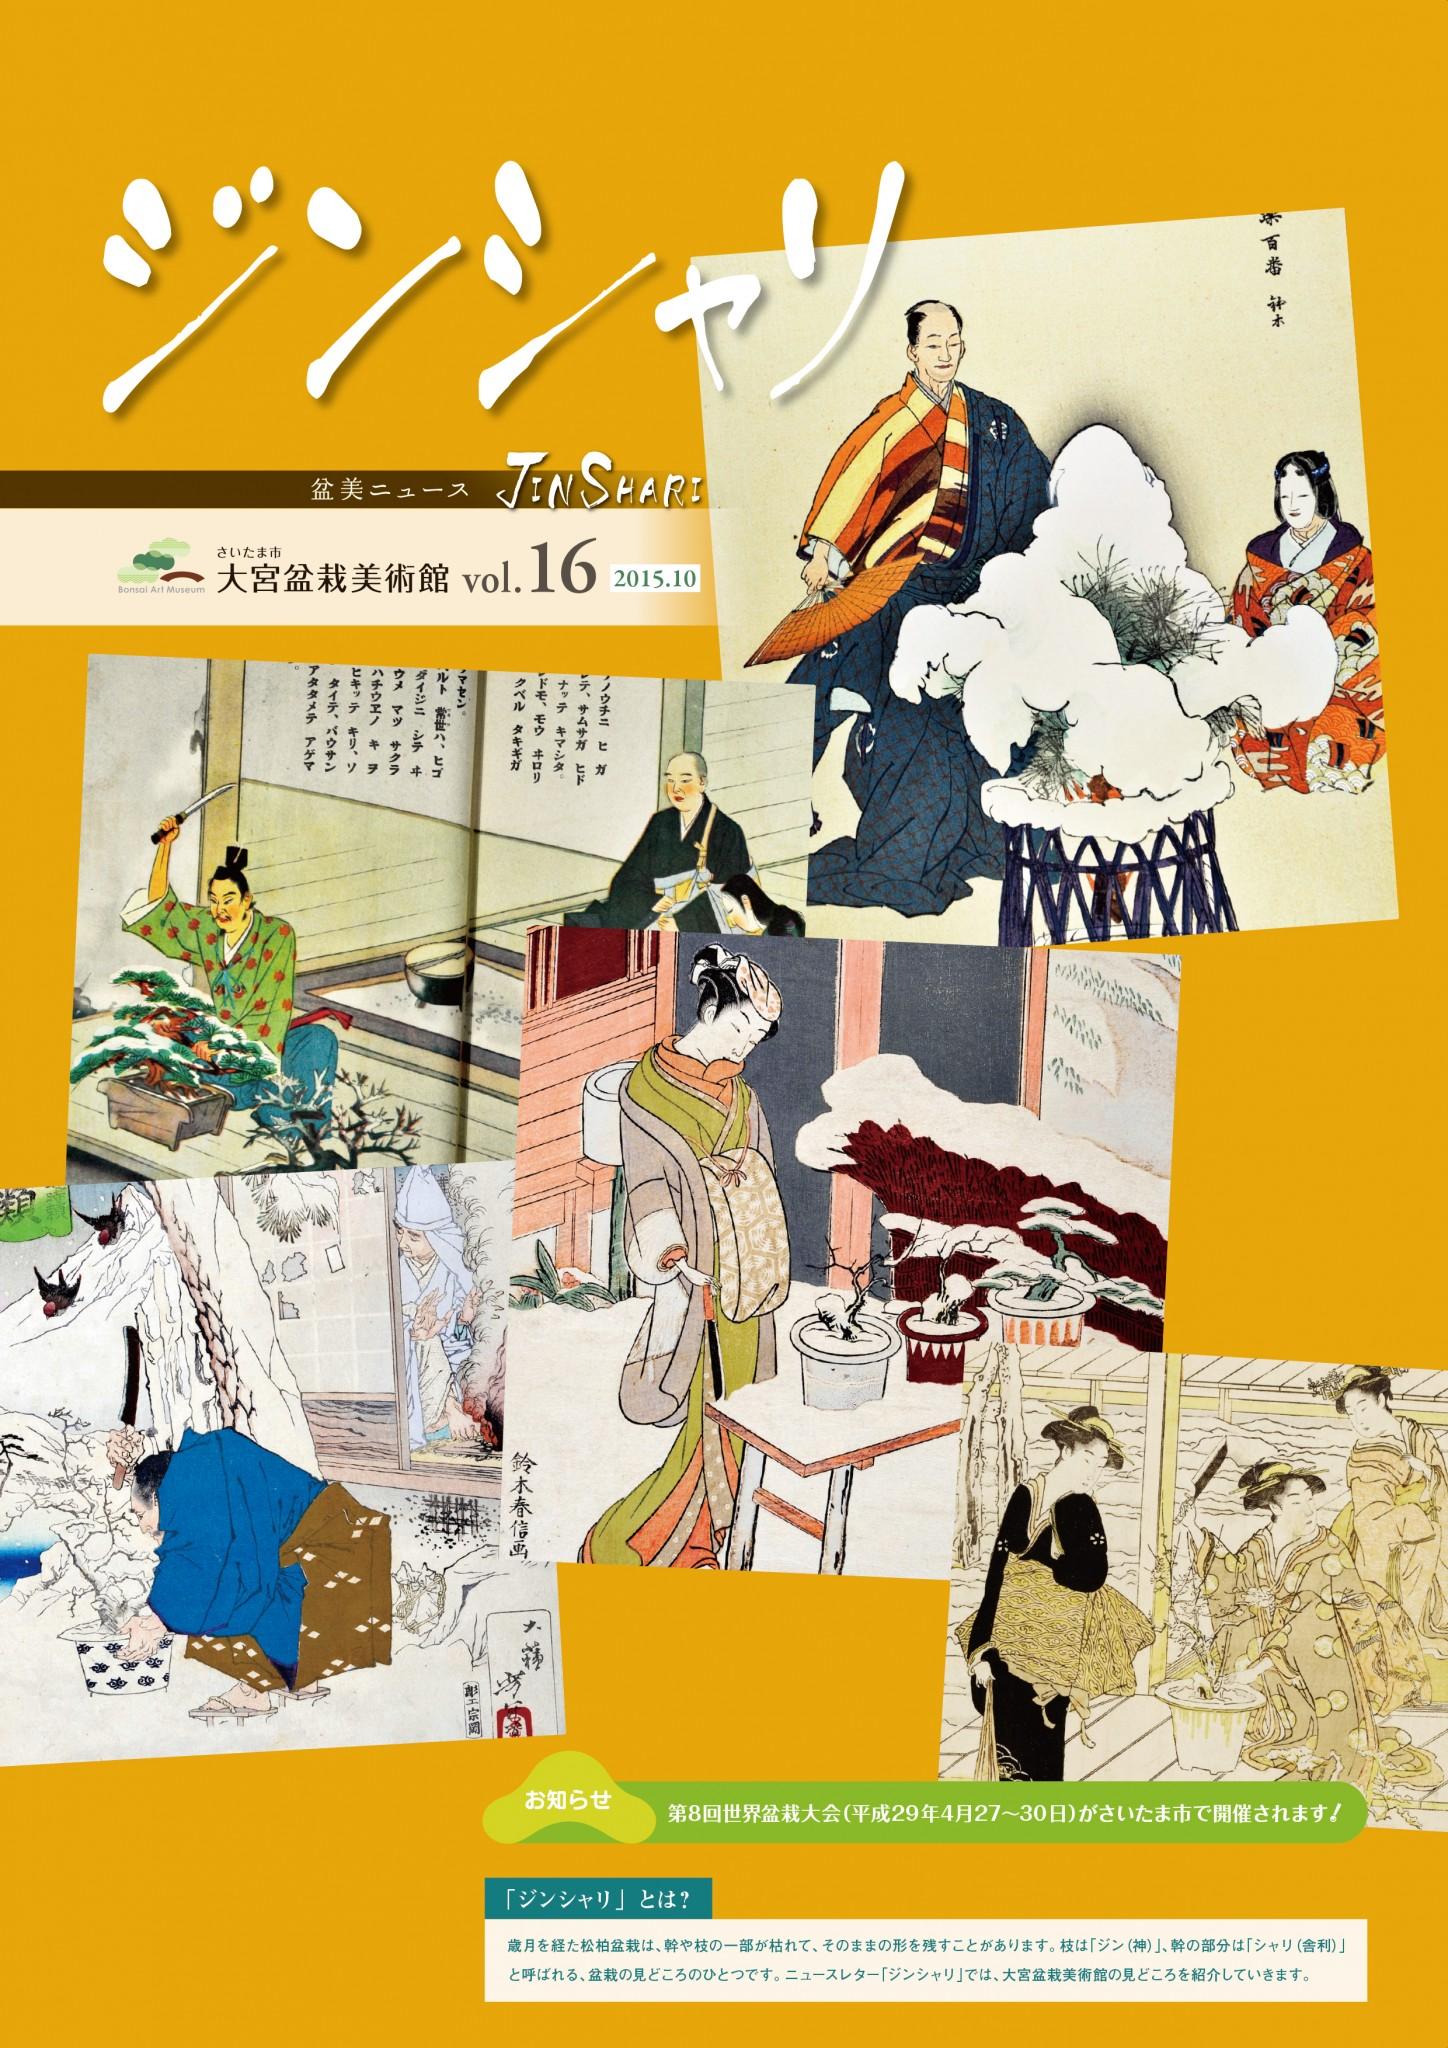 Jinshari Vol.16